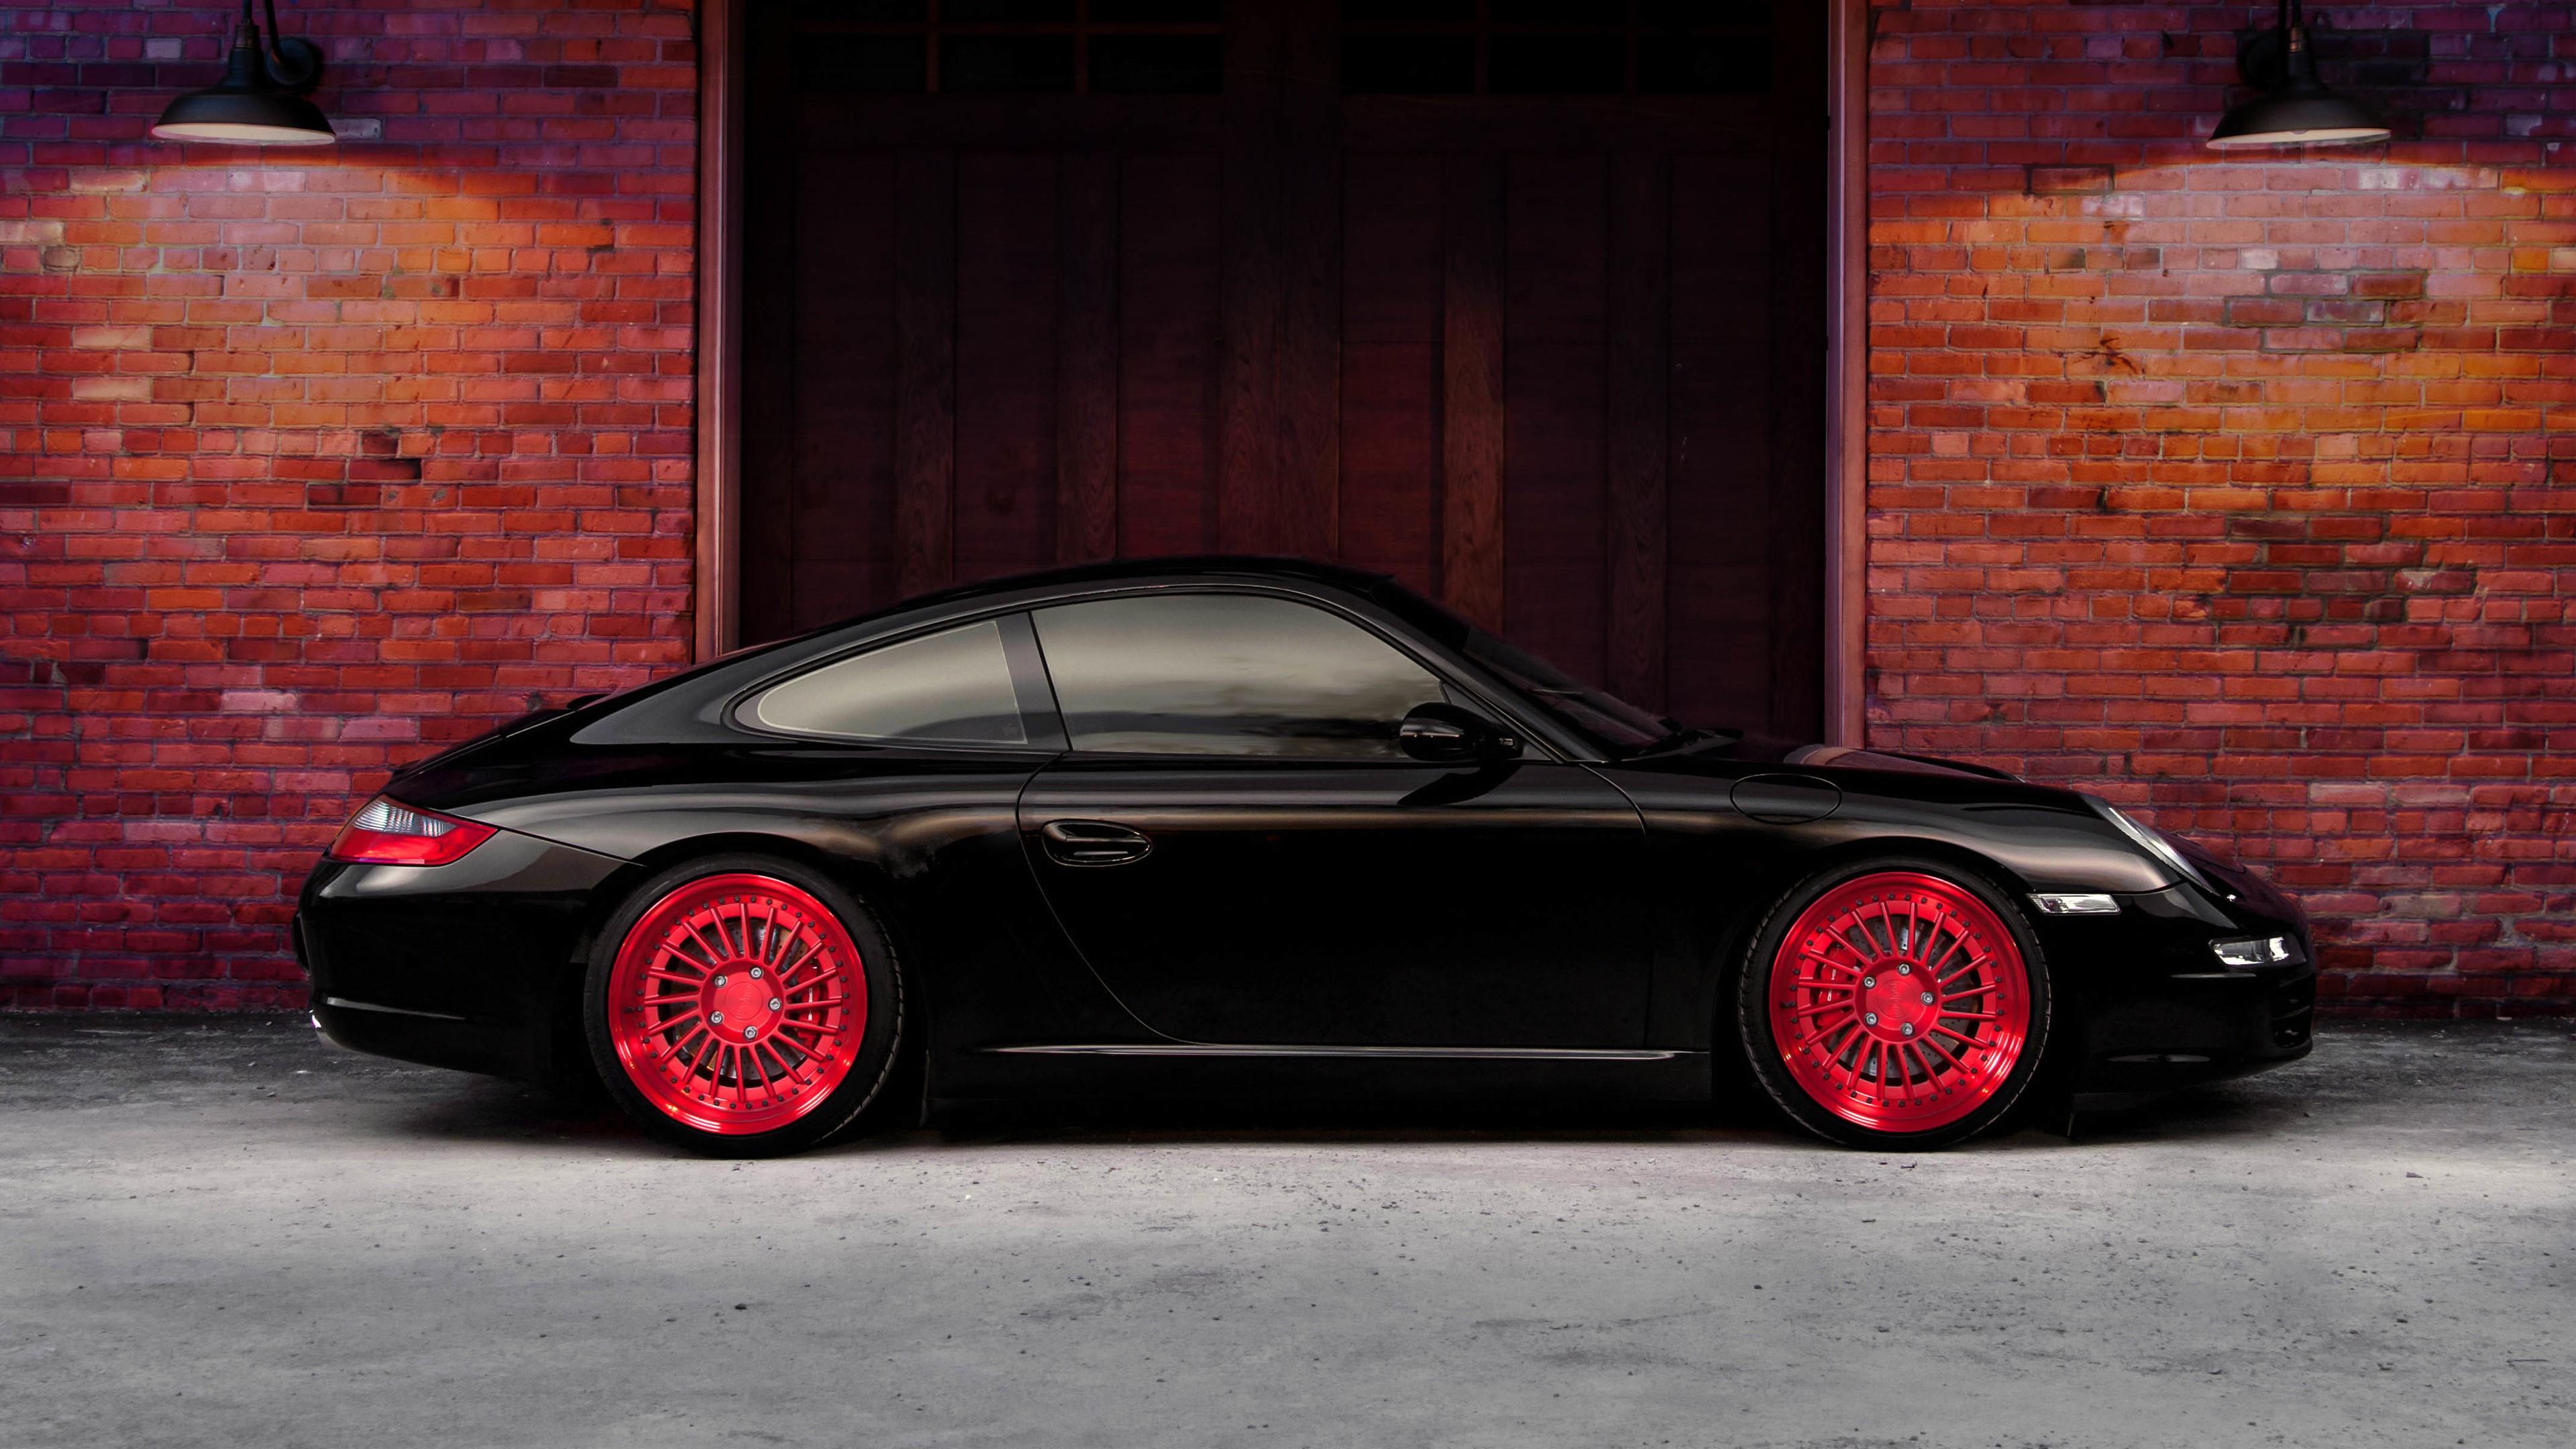 Porsche 911 Carrera Black Wallpaper Hd Car Wallpapers